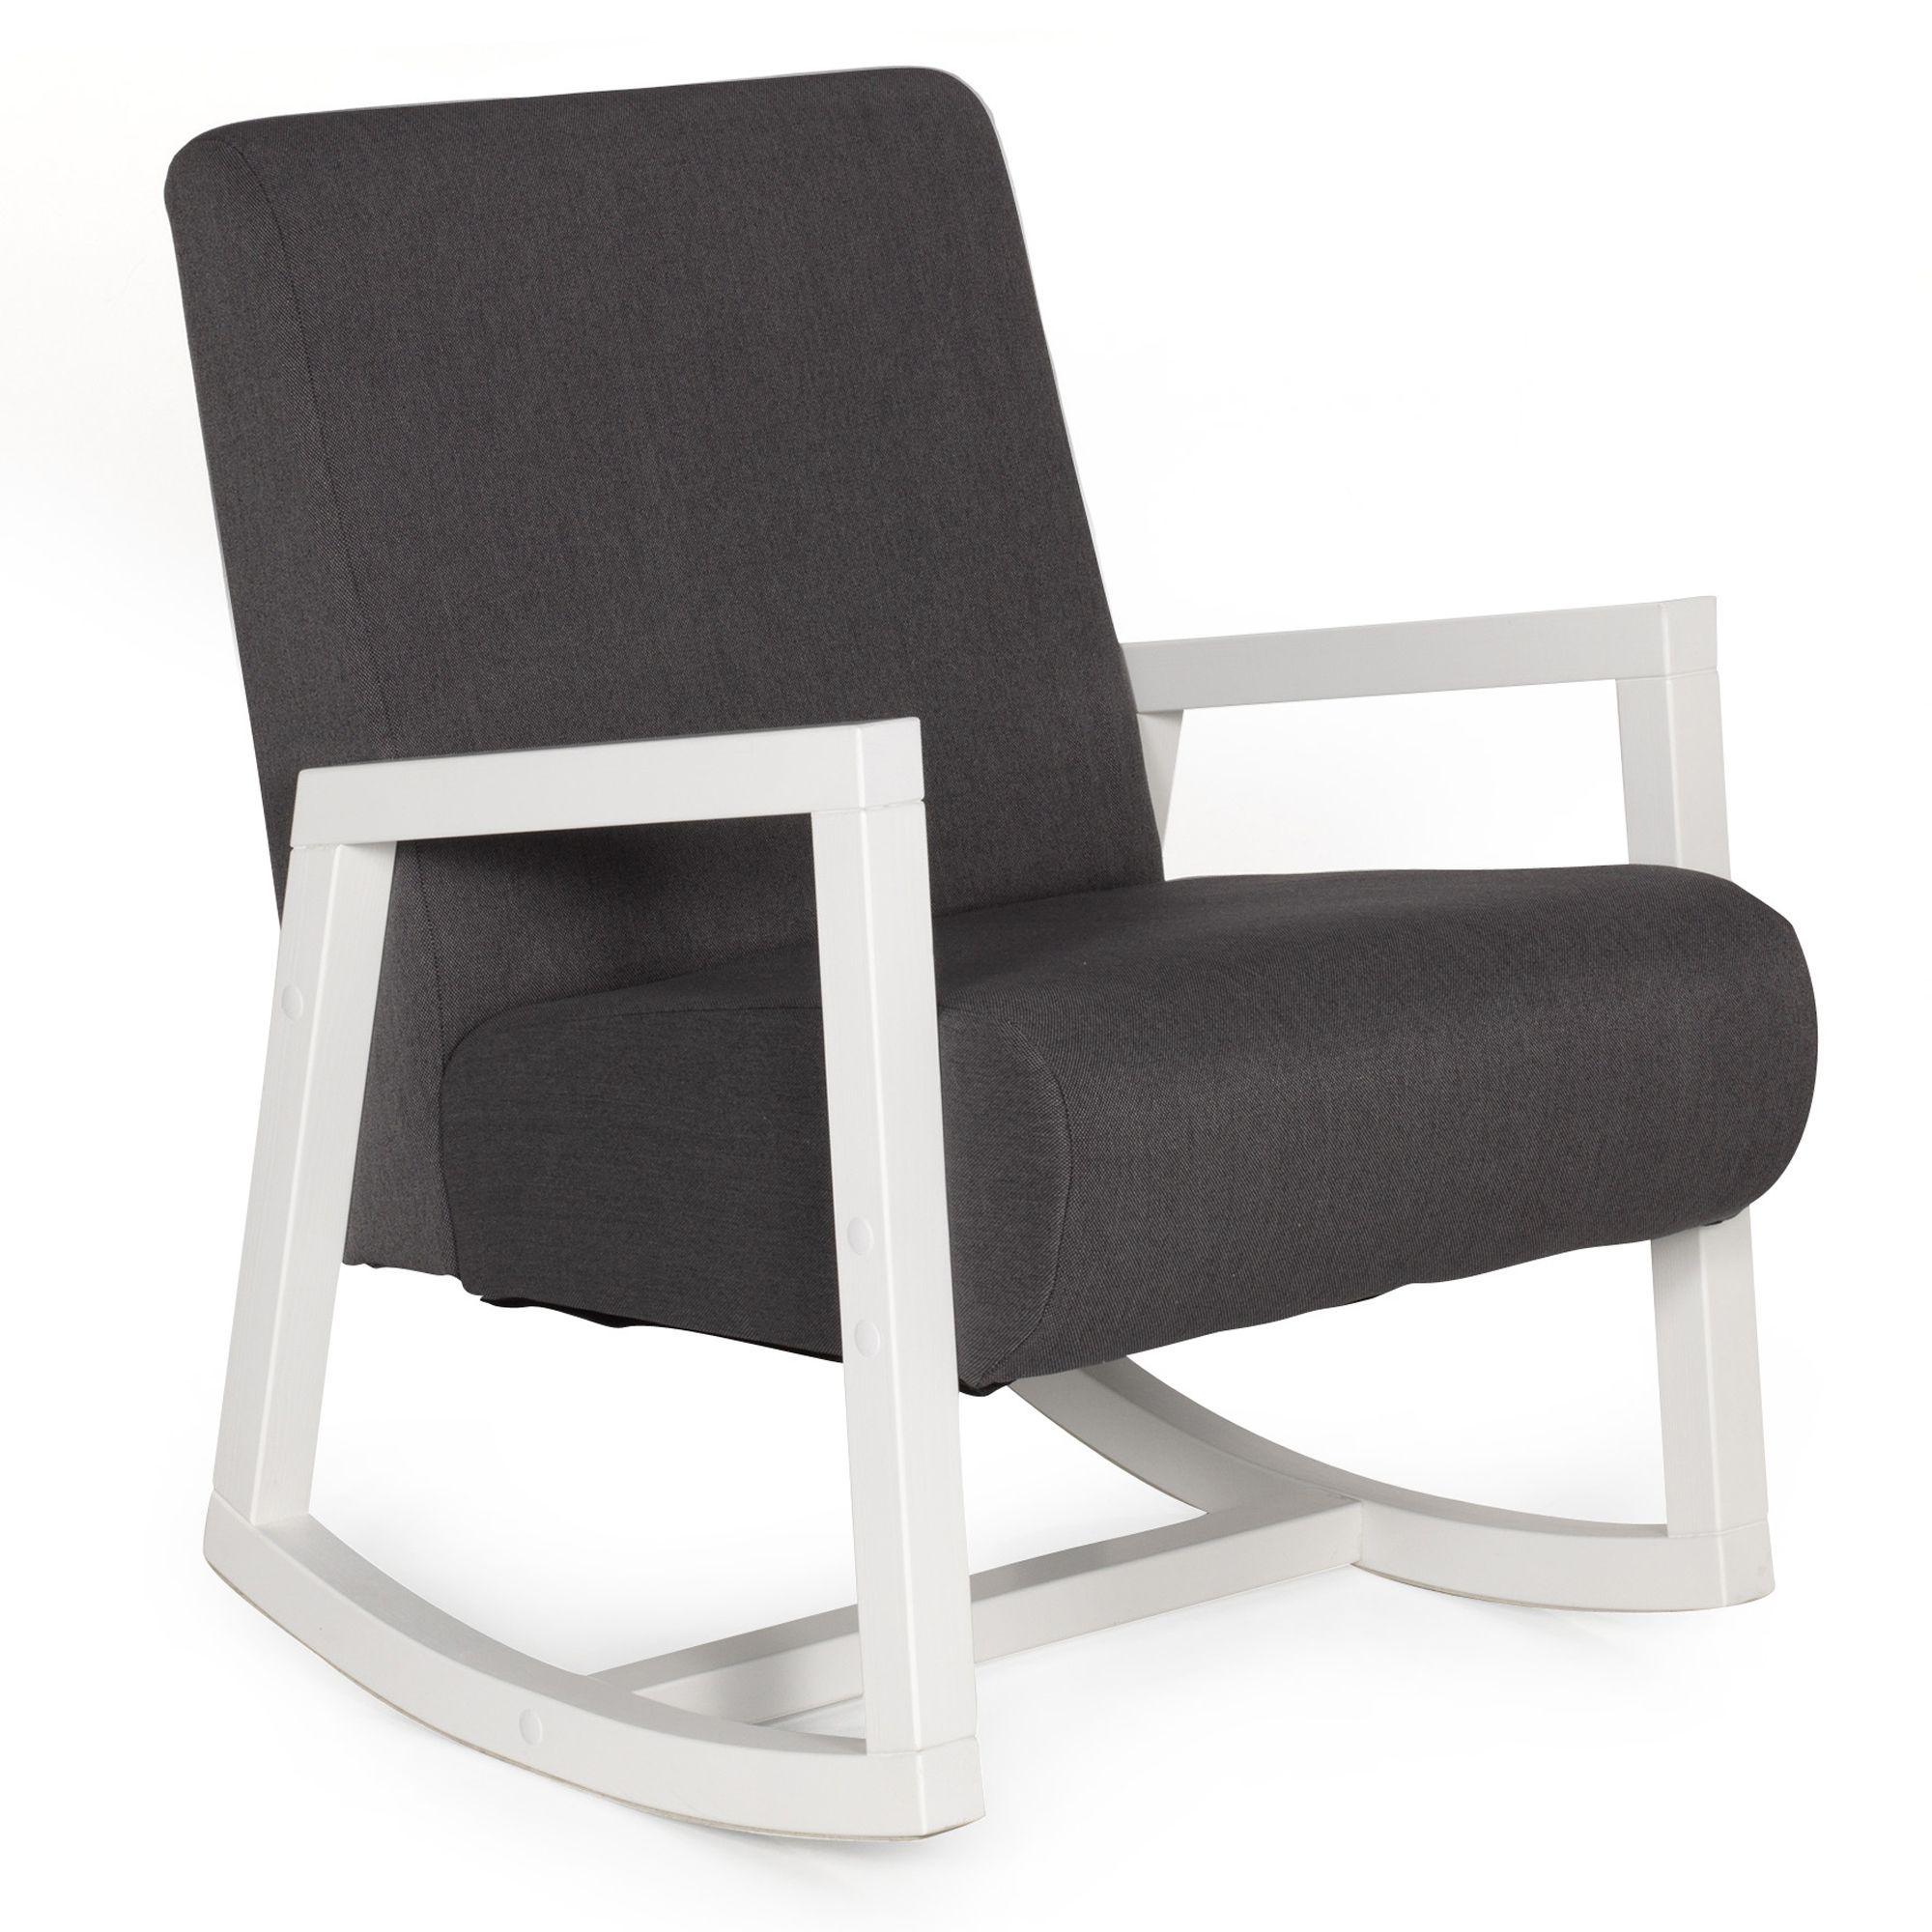 Fauteuil Rocking Chair Rocky Fauteuils Et Poufs Alinea - Fauteuil rocking chair